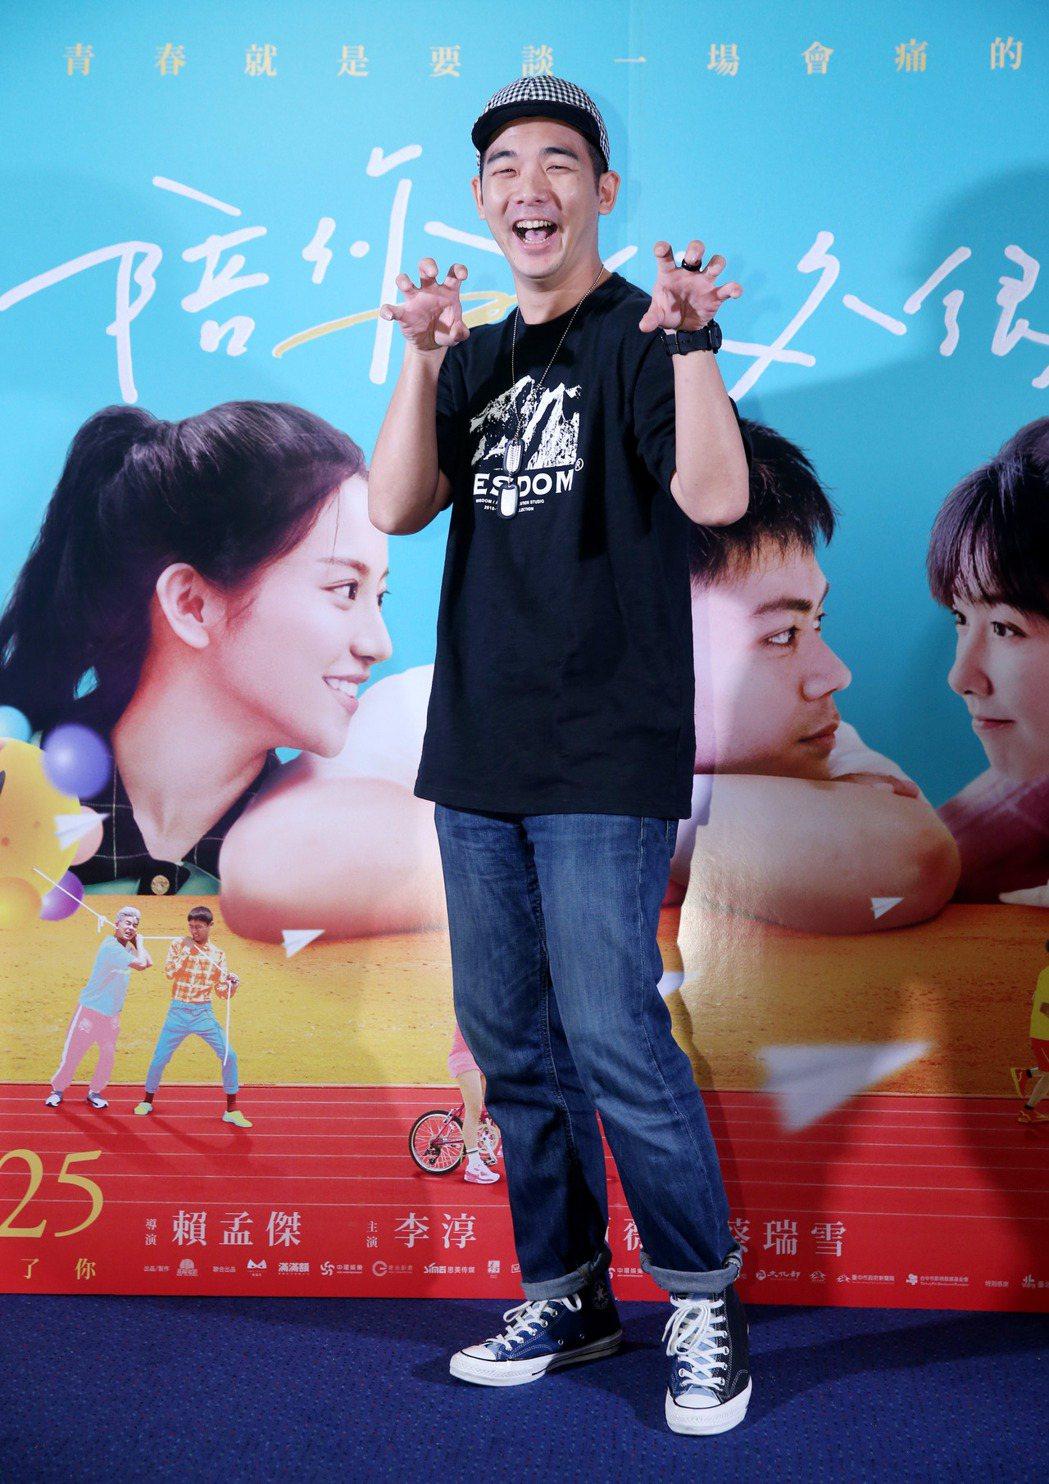 電影《陪你很久很久》今天舉行媒體試片活動,主要演員胡瑋杰。記者邱德祥/攝影